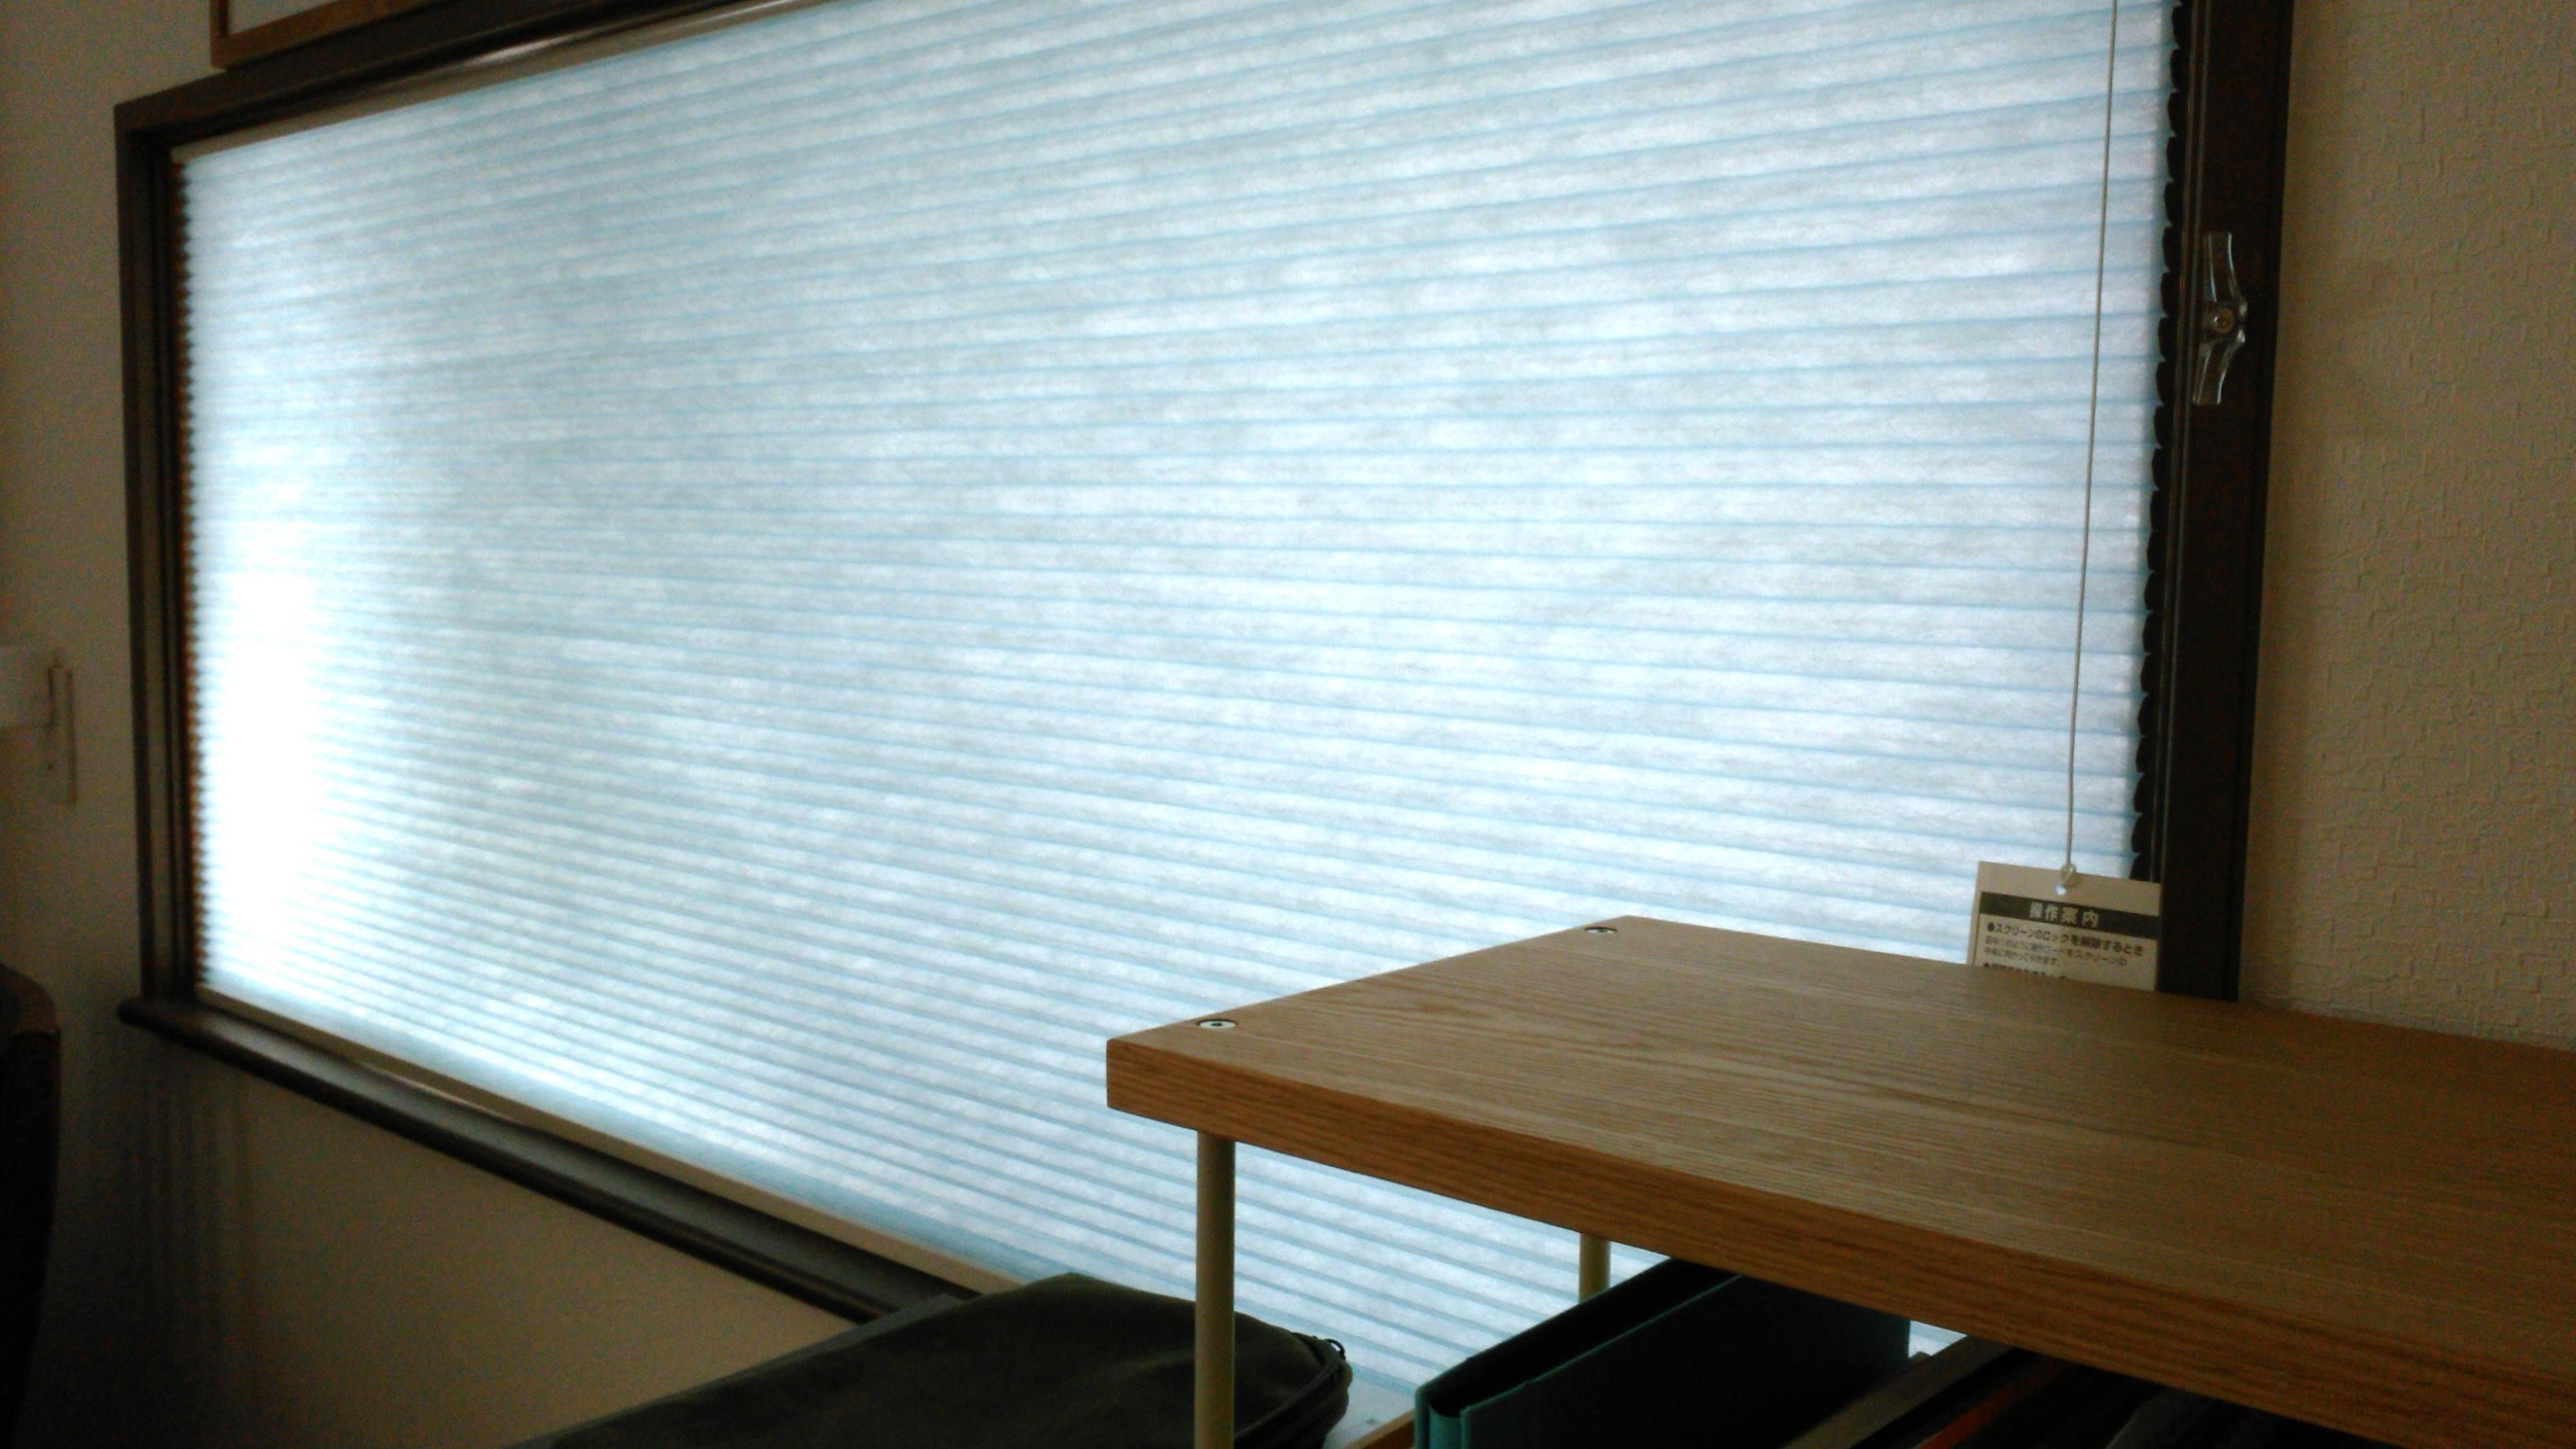 窓の断熱 セイキの『ハニカムサーモスクリーン』 モリス正規販売店のブライト_c0157866_19593983.jpg